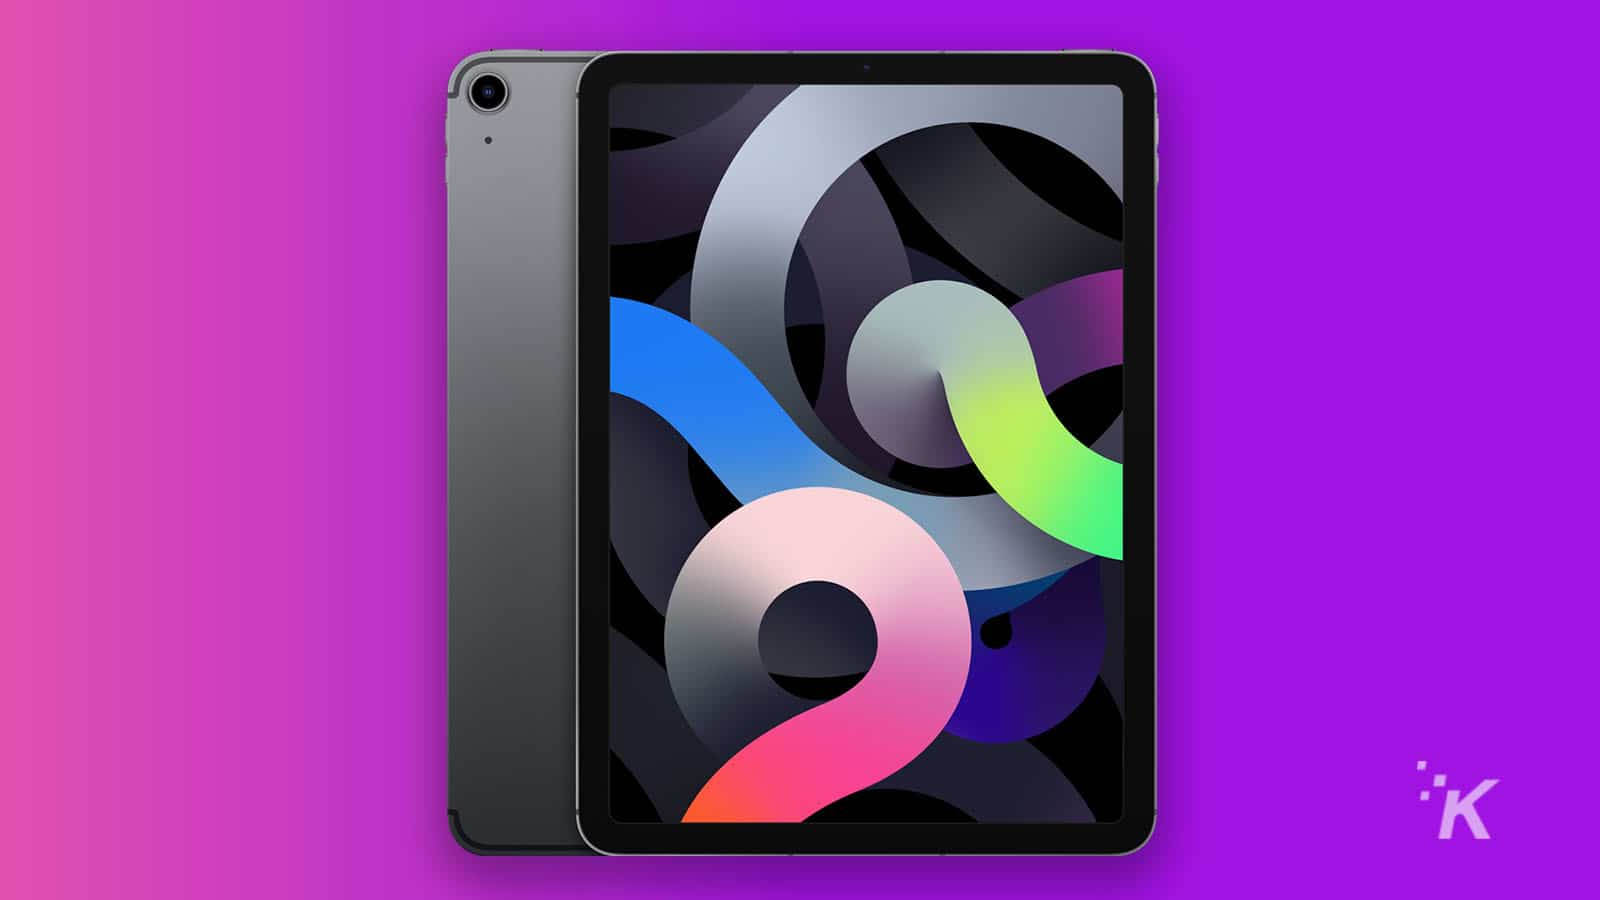 apple ipad air 2020 screen